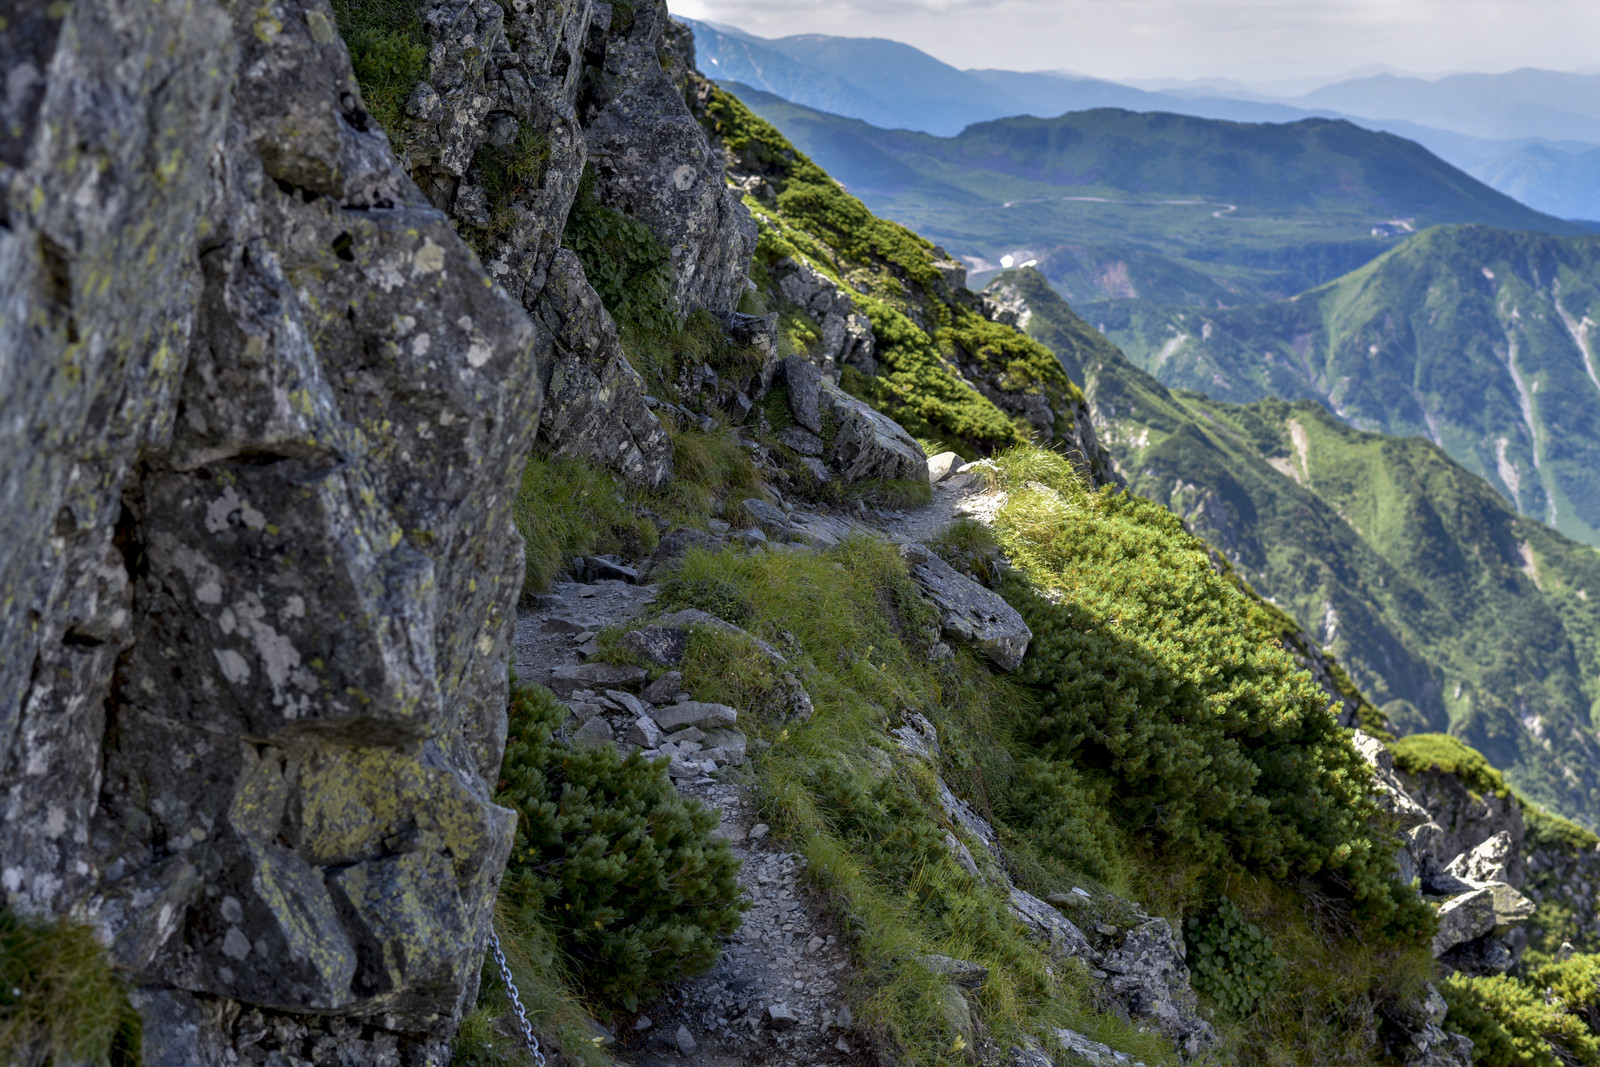 「気を抜けば滑落する険しい登山道が続く剱岳」の写真